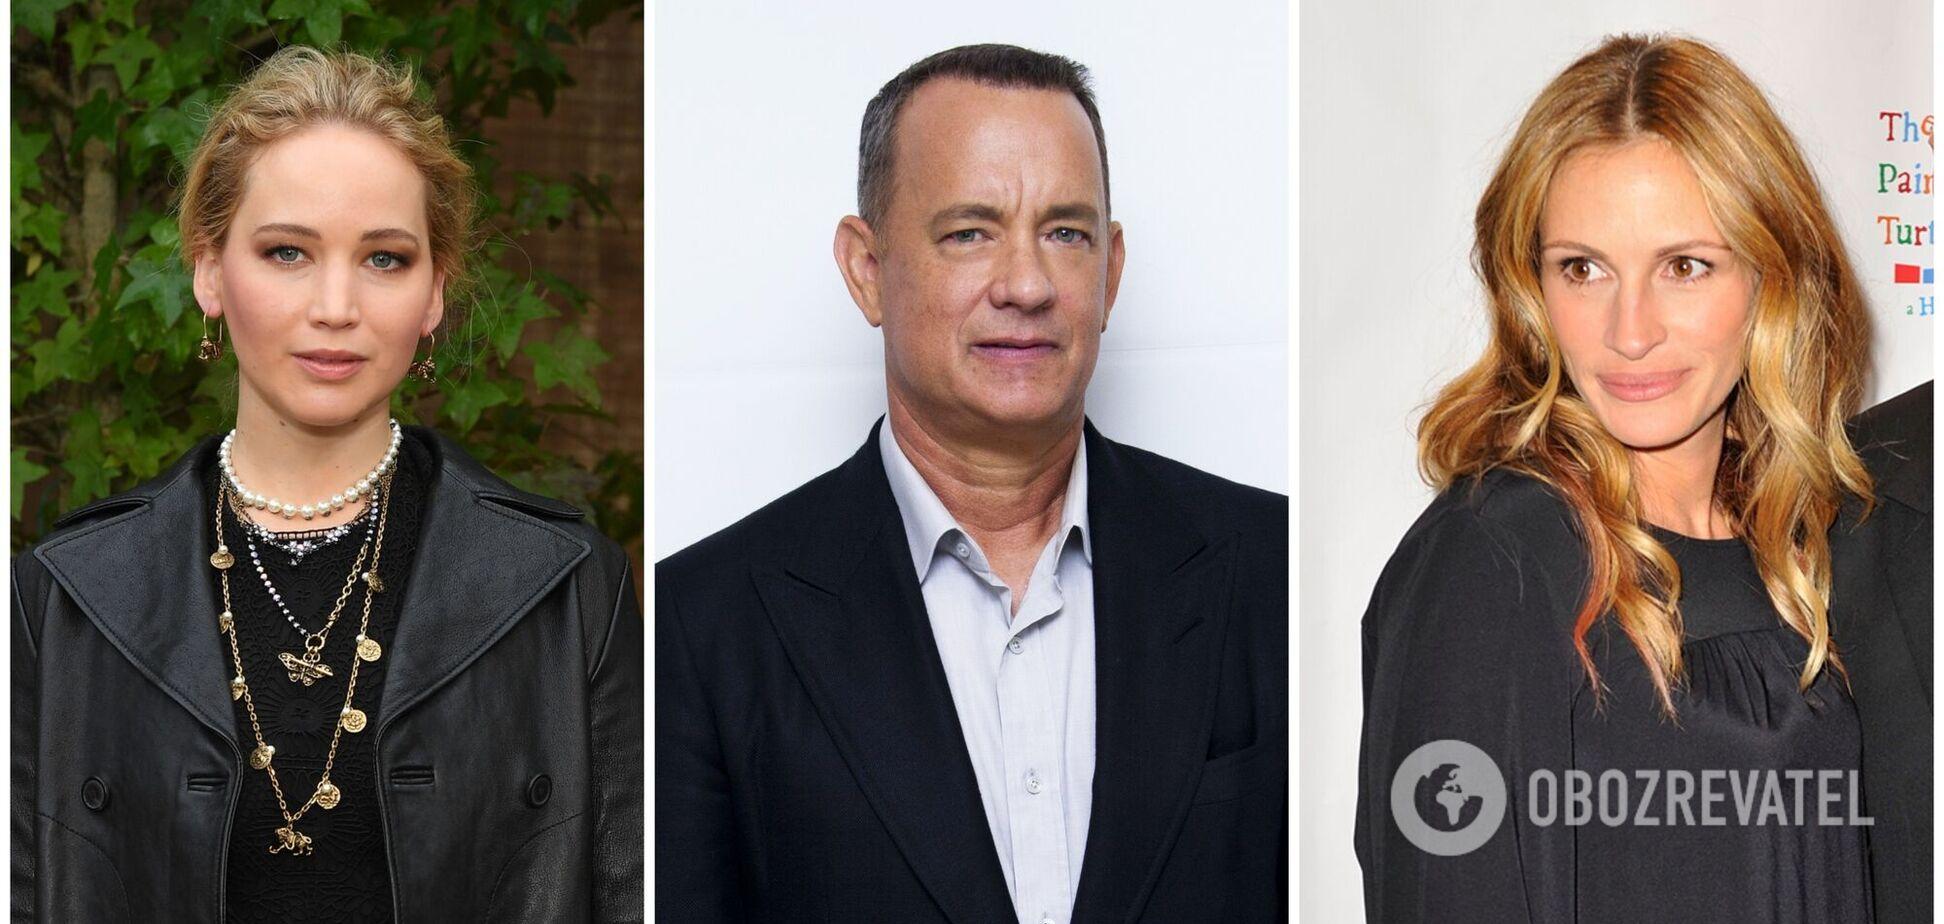 На чому їздять Том Хенкс, Мадонна та інші знаменитості: дешеві авто суперзірок